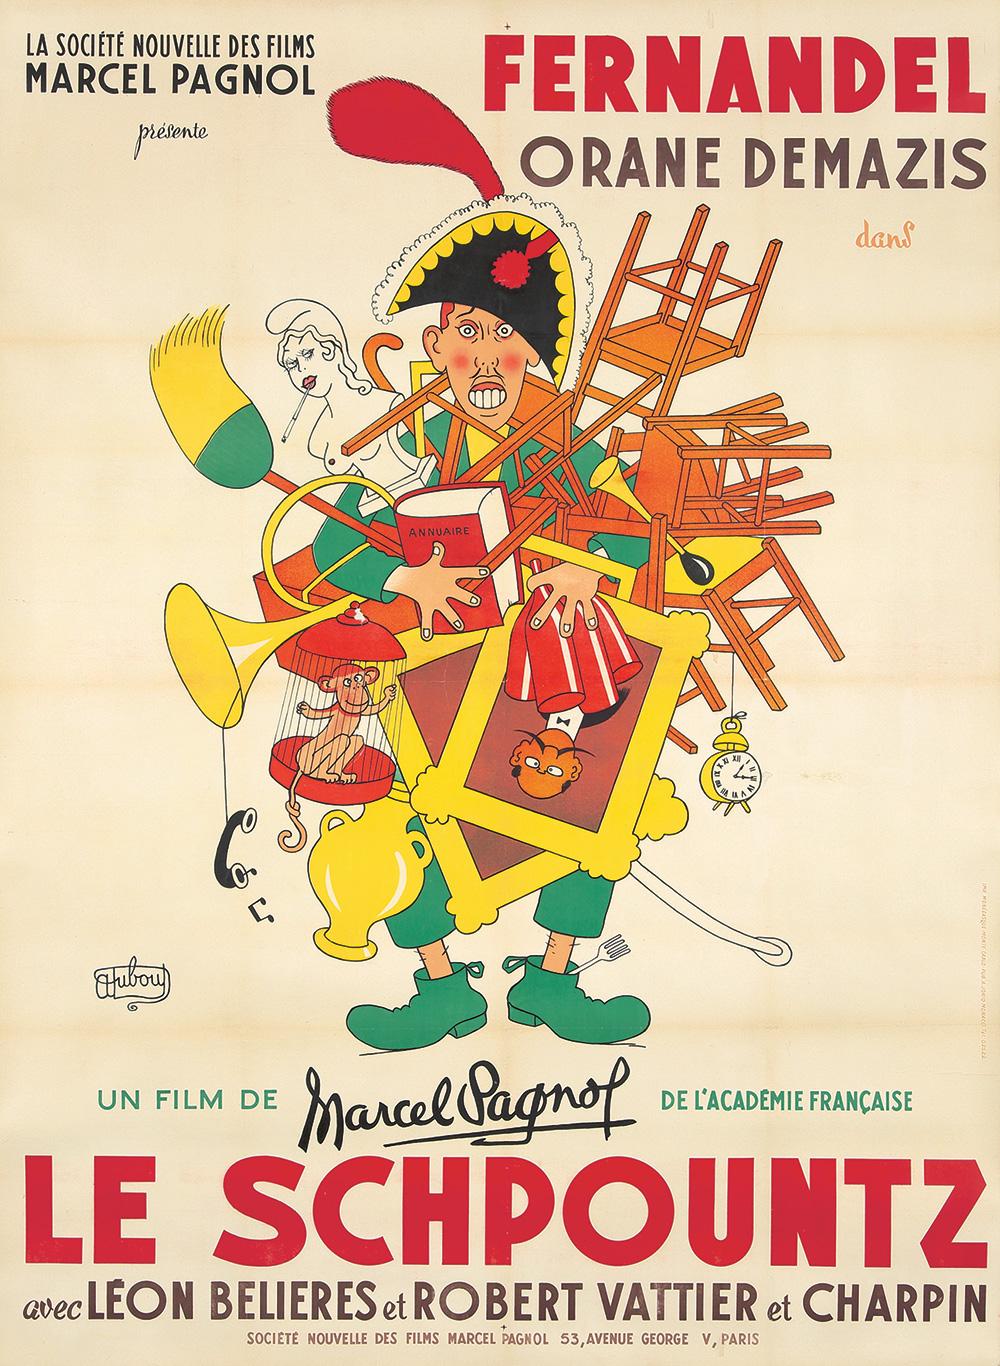 271. Le Schpountz/Fernandel. 1952.